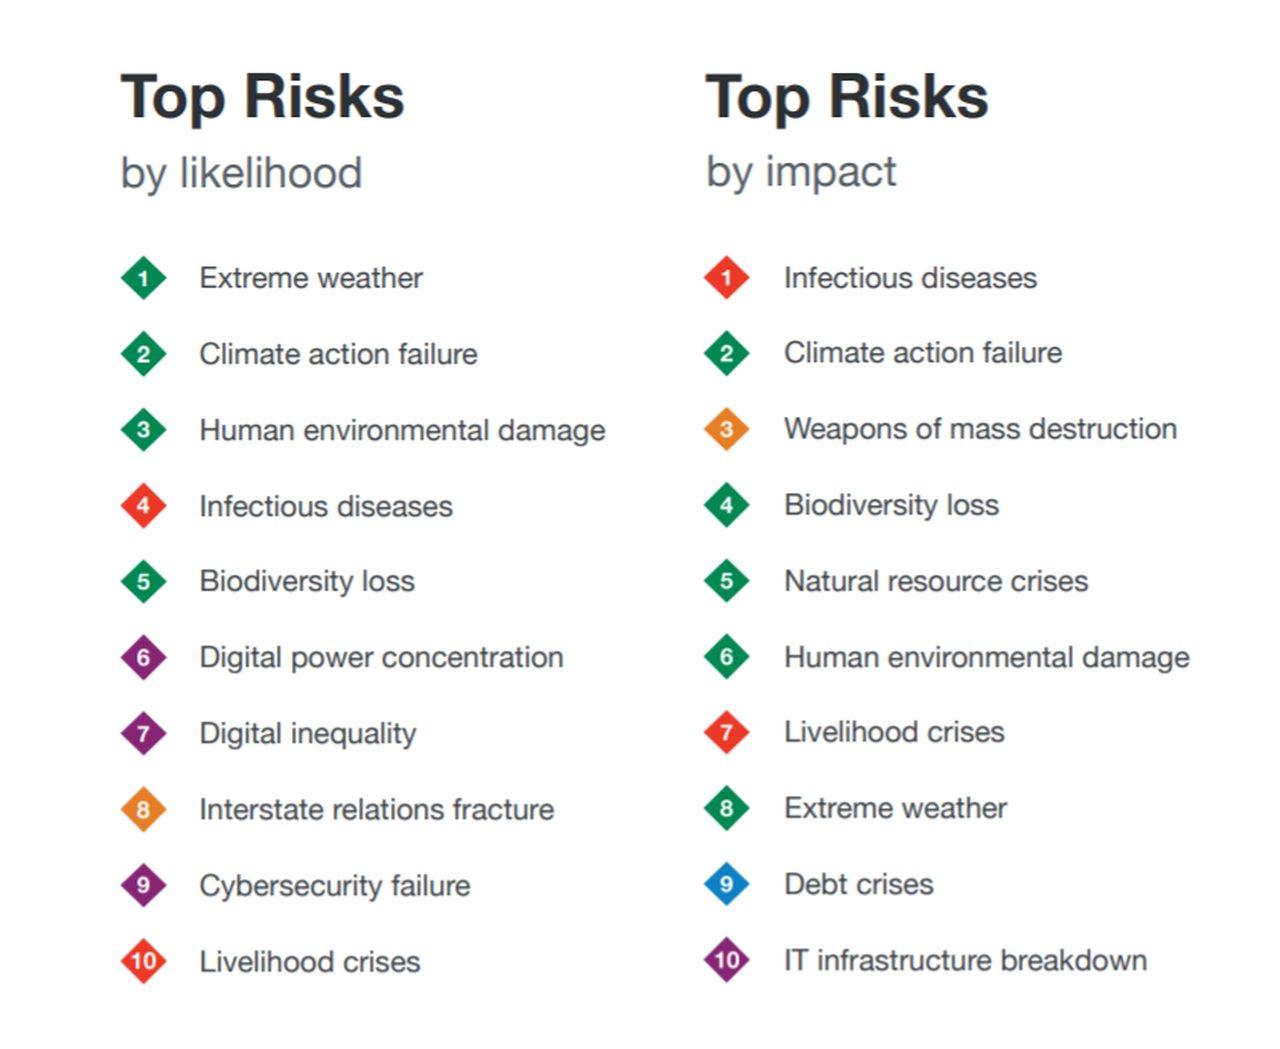 zagrożenia dla świata 2021, raport Światowego Forum Ekonomicznego, WEF The Global Risks 2021